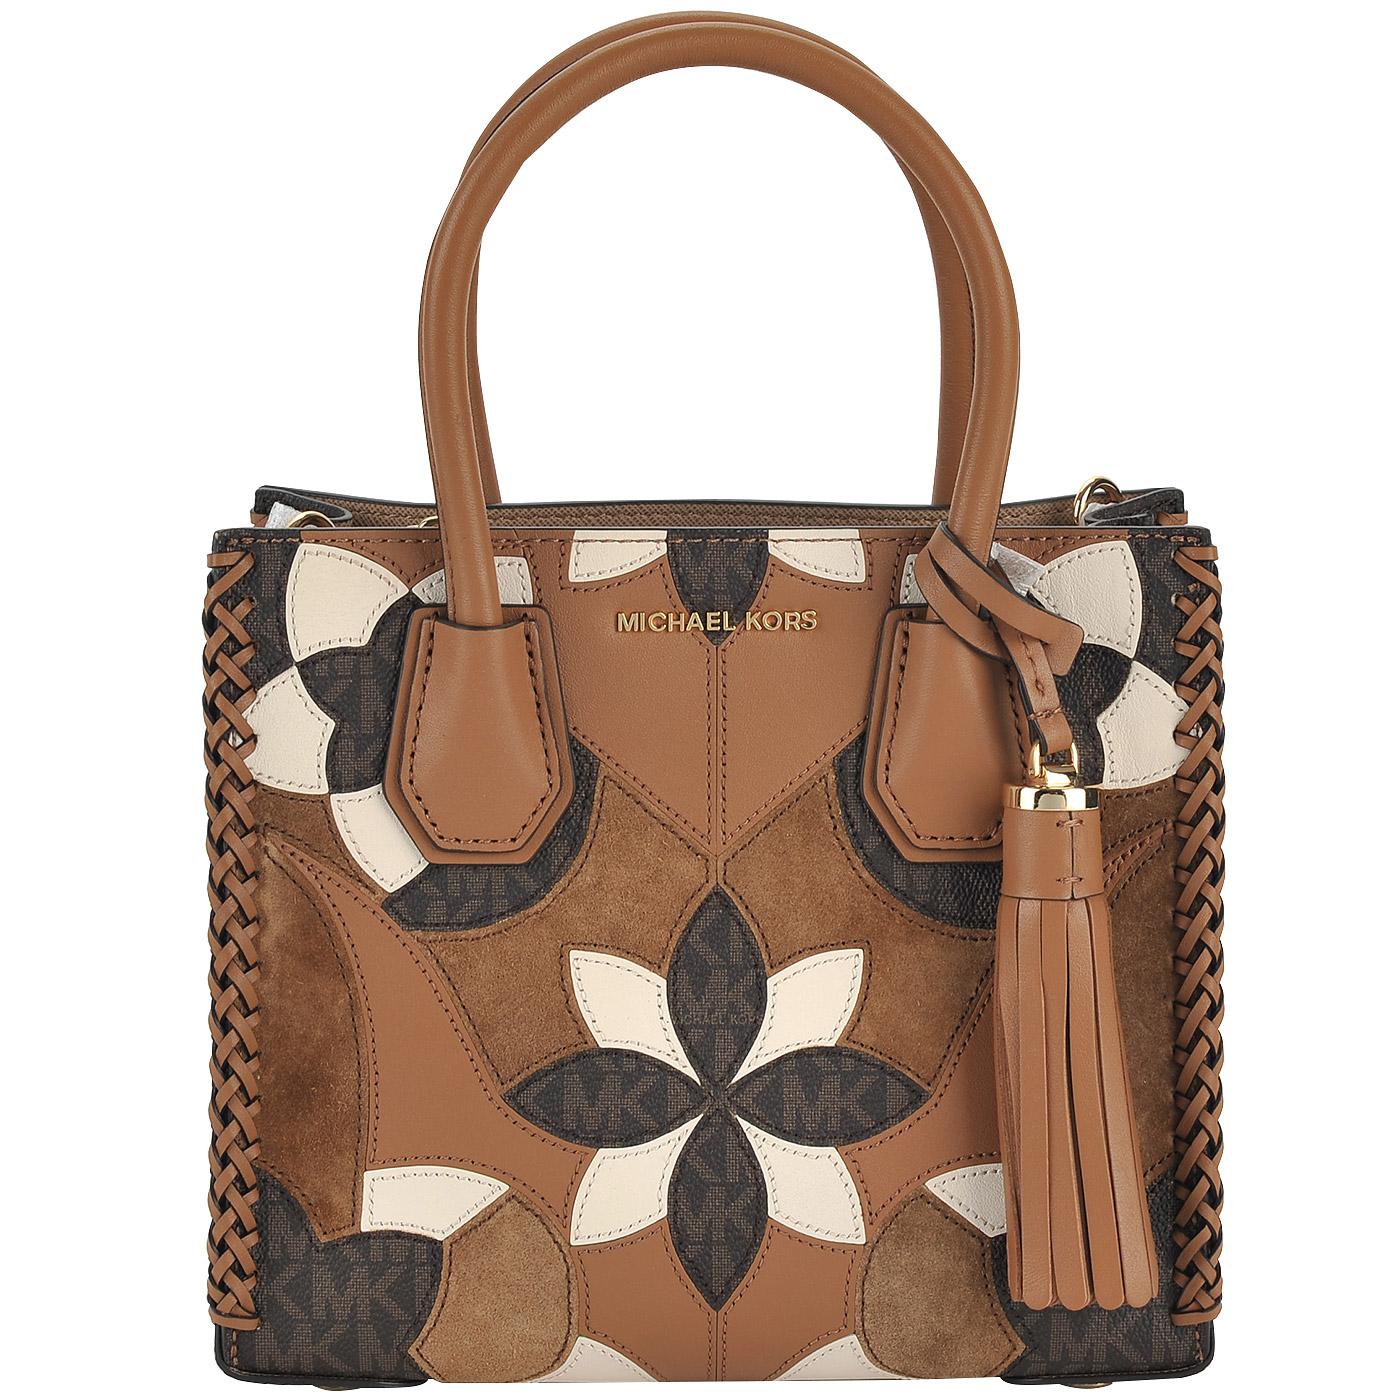 9de769a73746 Маленькая сумка в стиле пэчворк Michael Kors Mercer 30T7GM9M9T 814 -  2000557769014 коричневый натуральная кожа, замша 22 x 19 x 10,5 Цена 18886  руб. купить ...